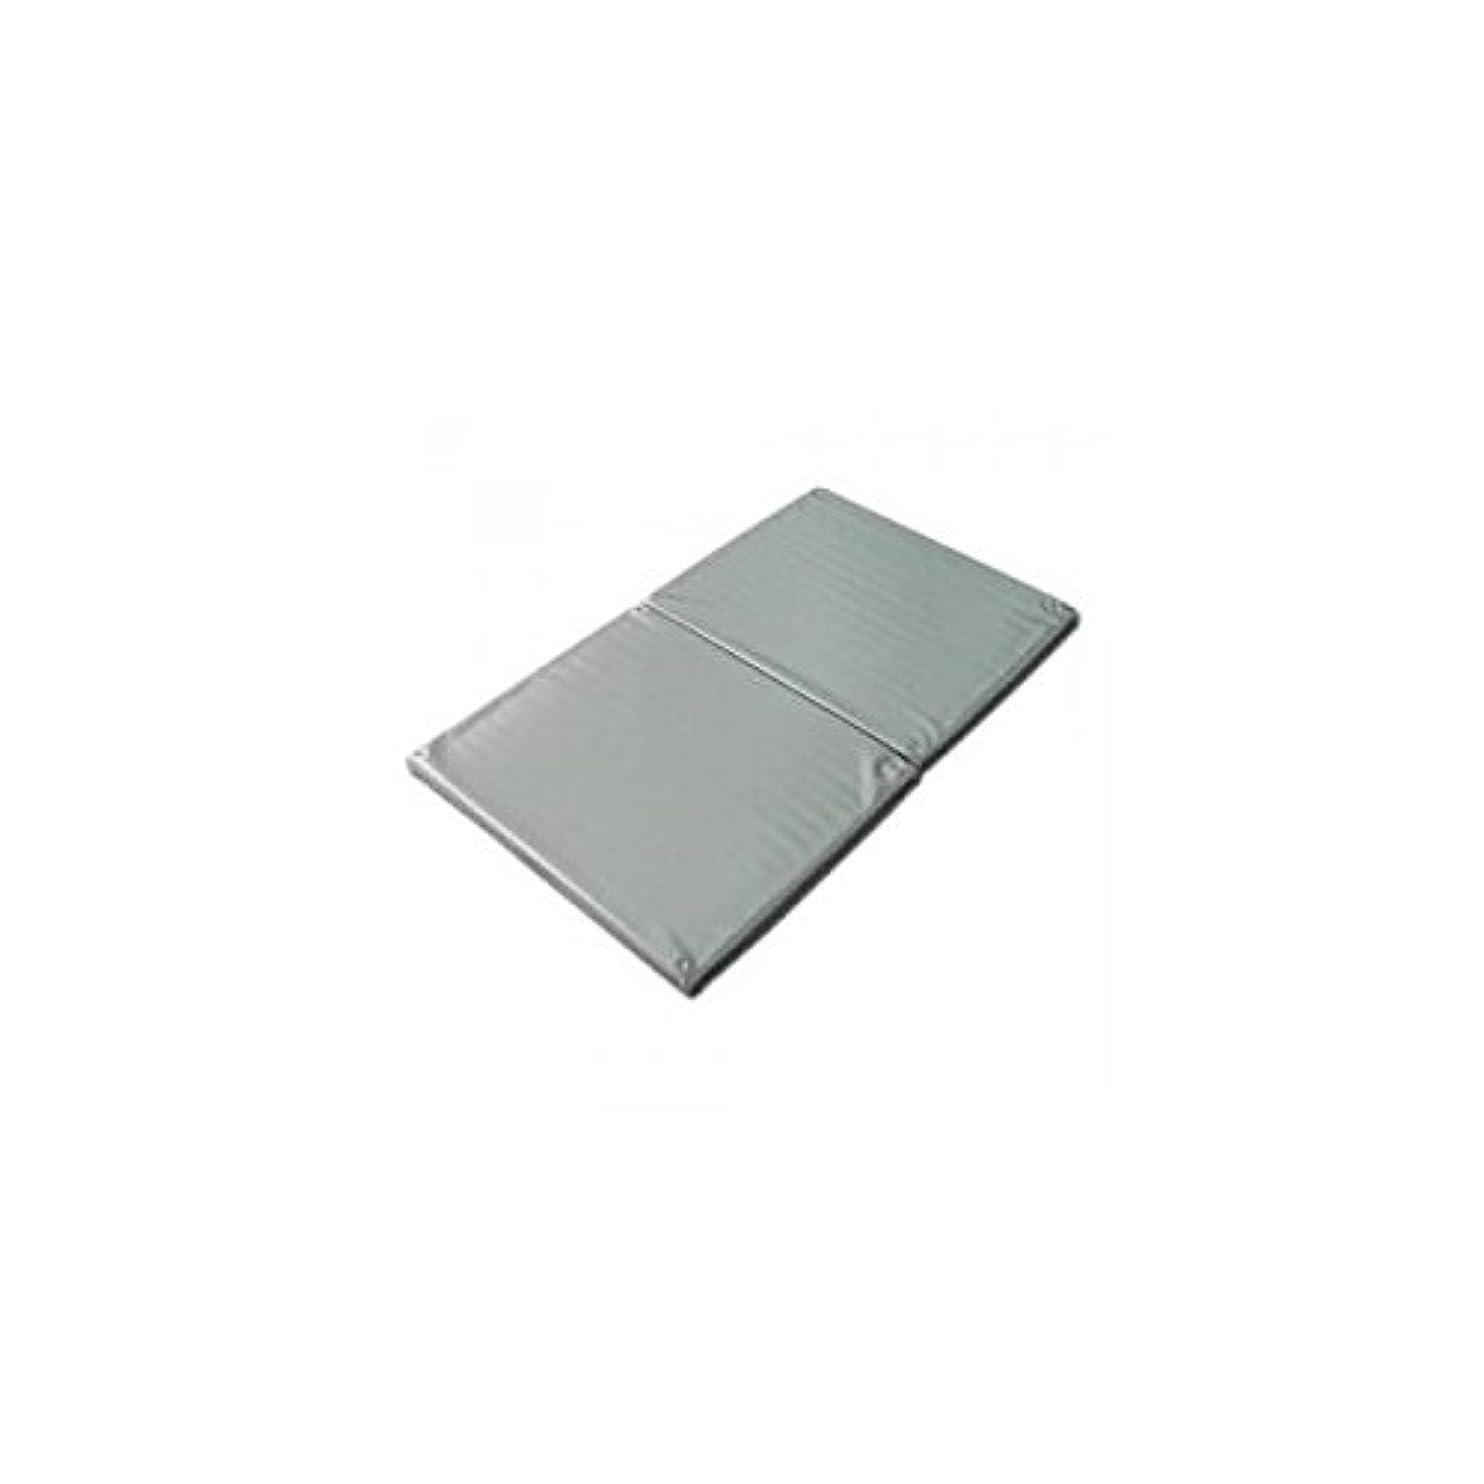 酸化物ブラウンできるヨックお風呂のマッサージ用マットP(2ツ折)シルバー 120×70cm│防水マッサージマット ポリエチレン製